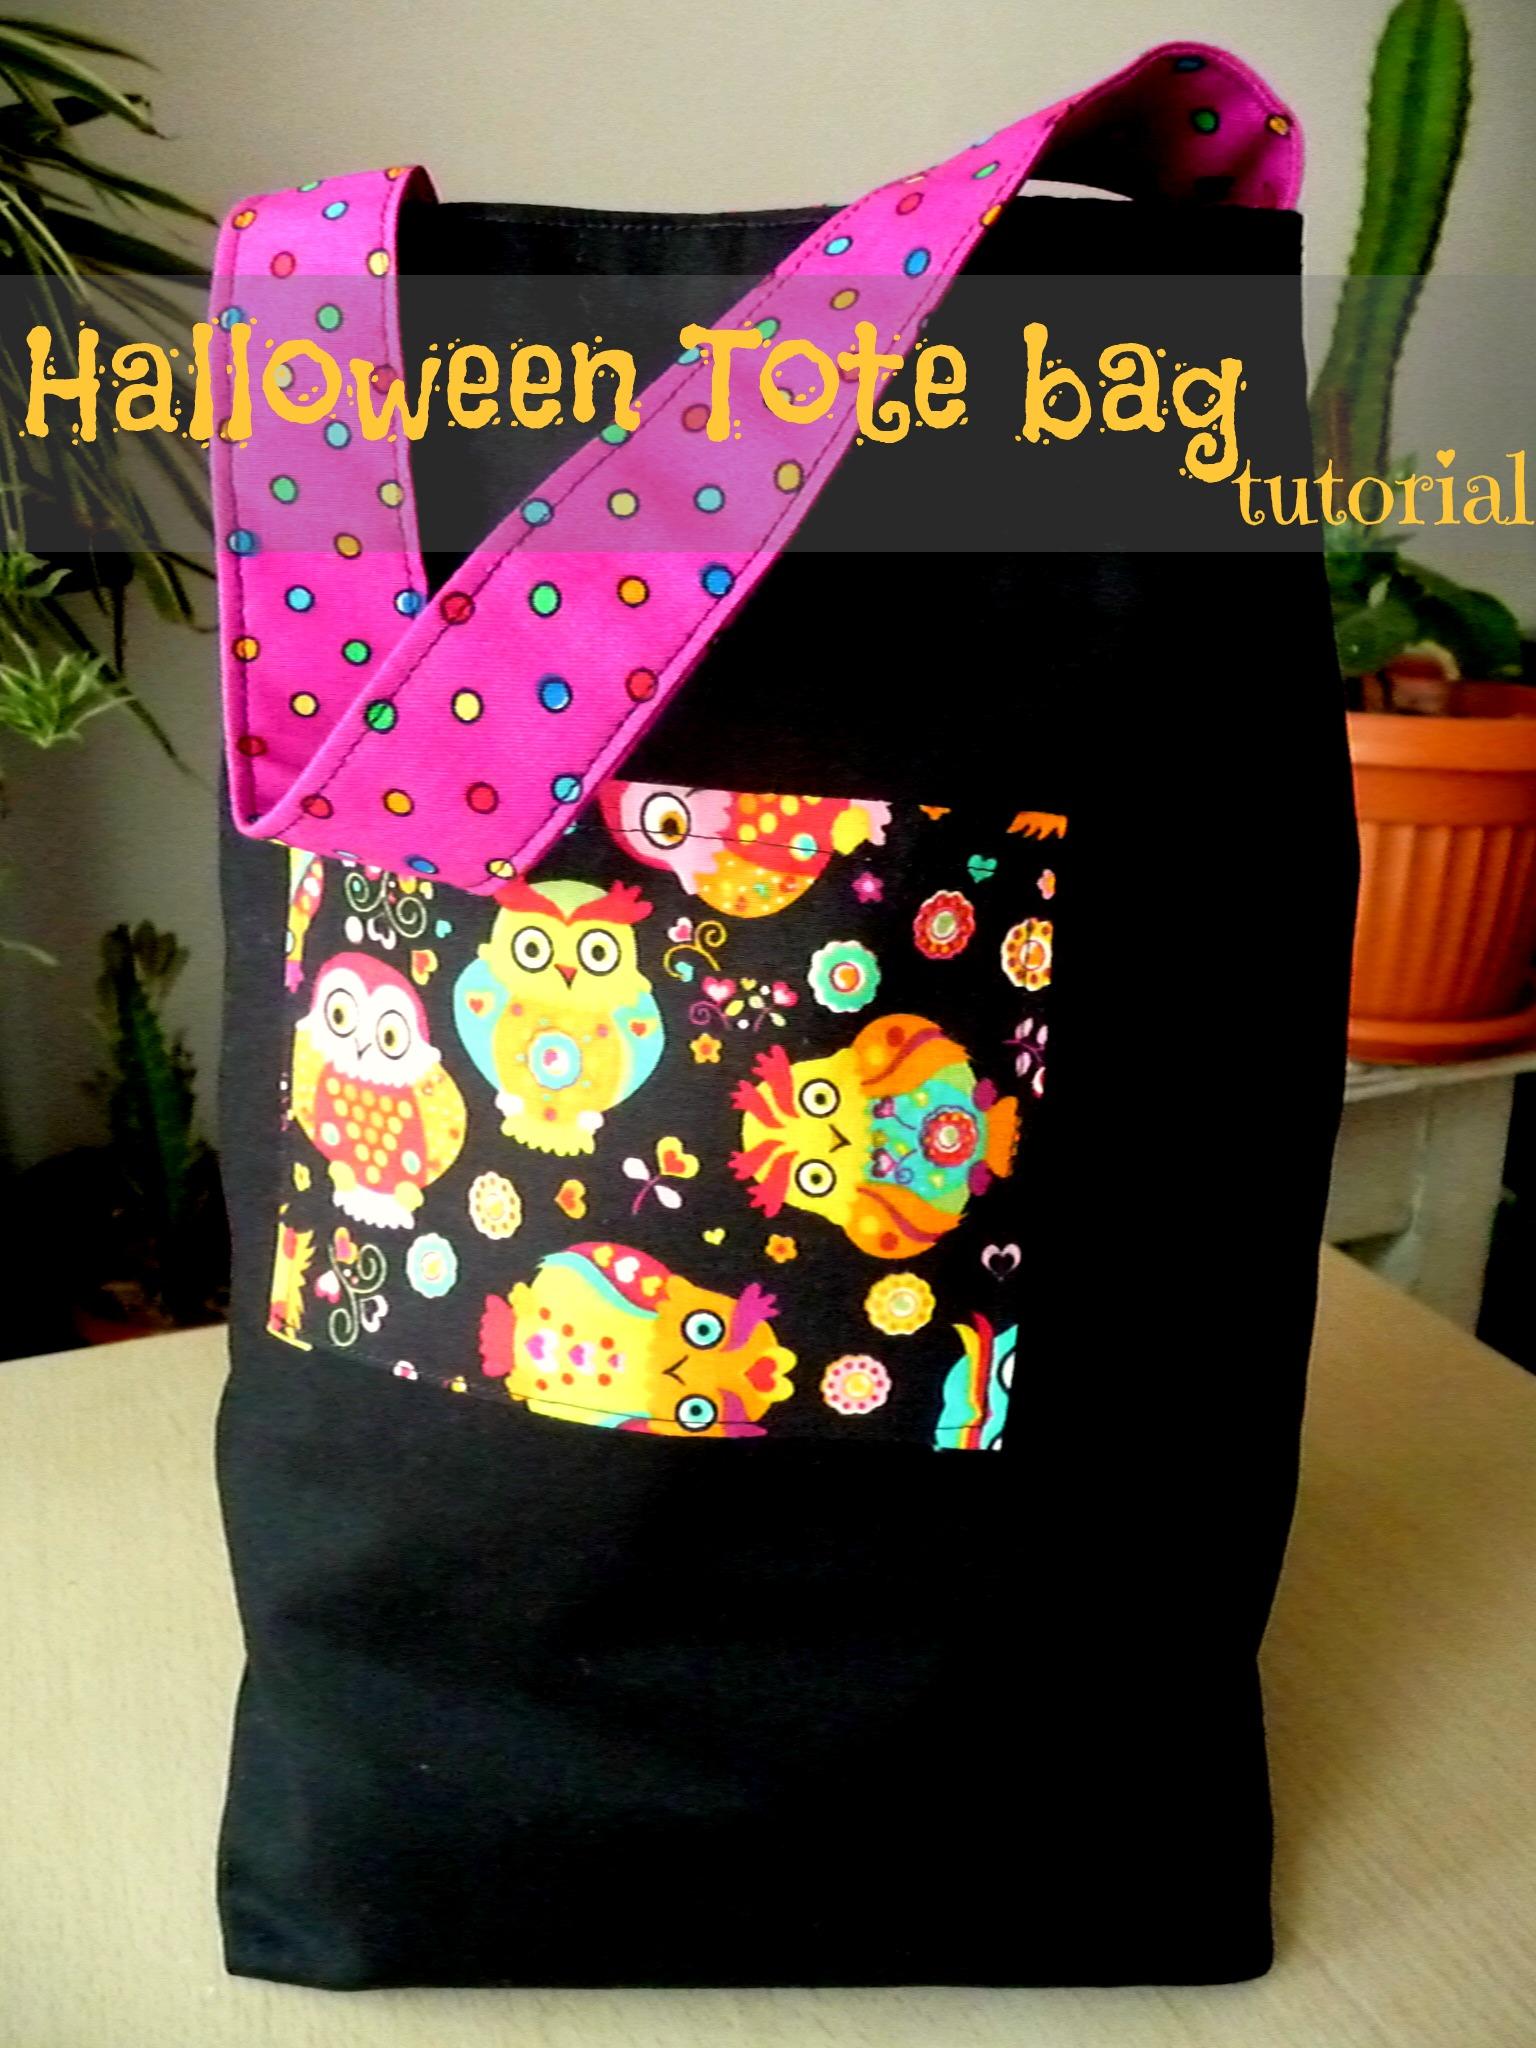 Halloween tote bag tutorial